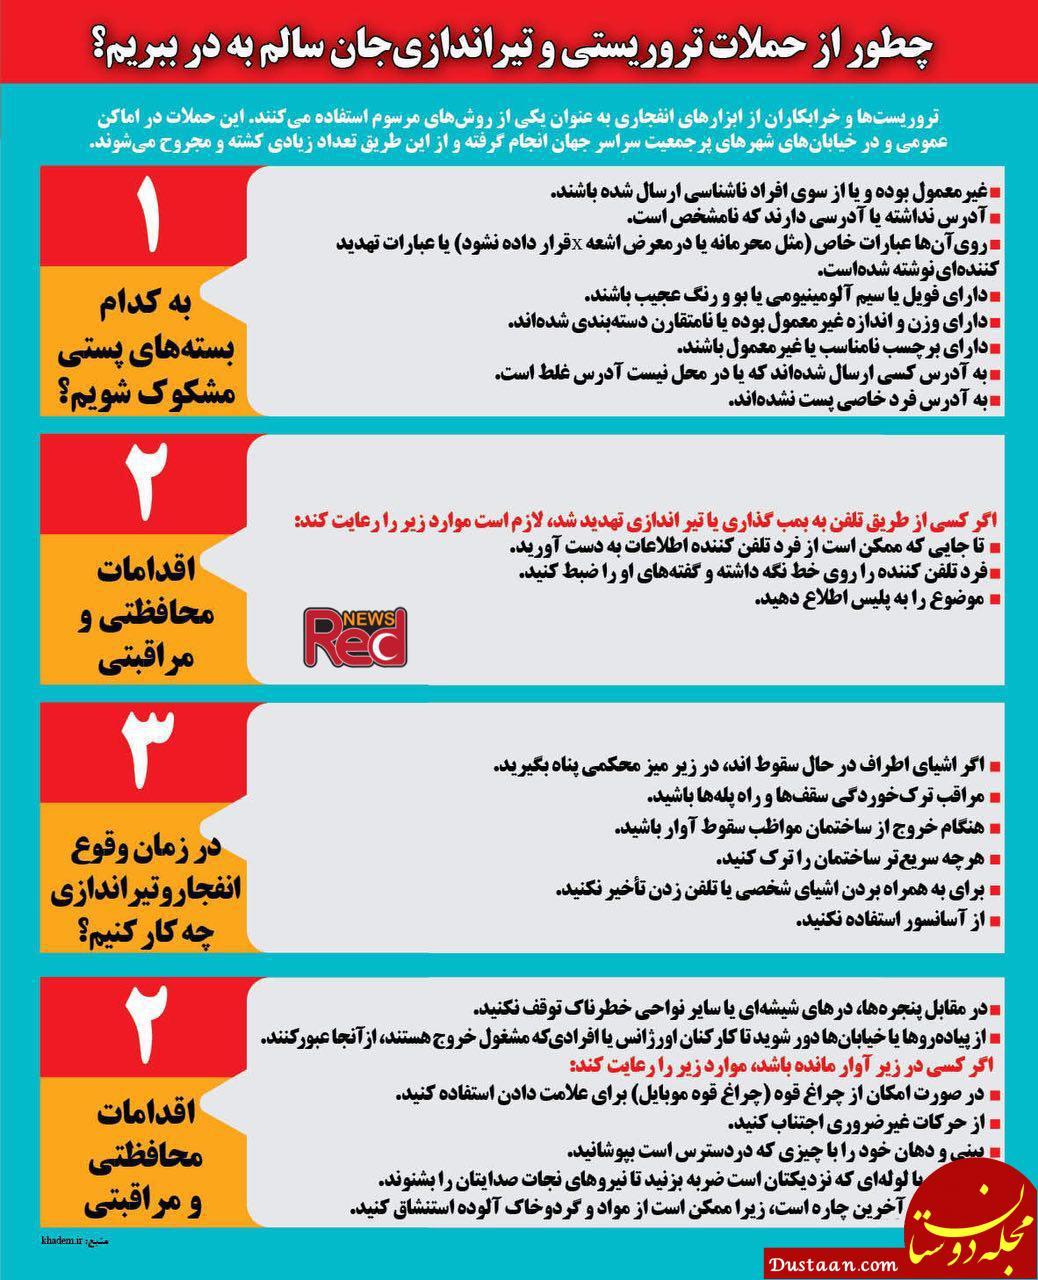 www.dustaan.com چطور از حملات تروریستی و تیراندازی جان سالم به در ببریم؟